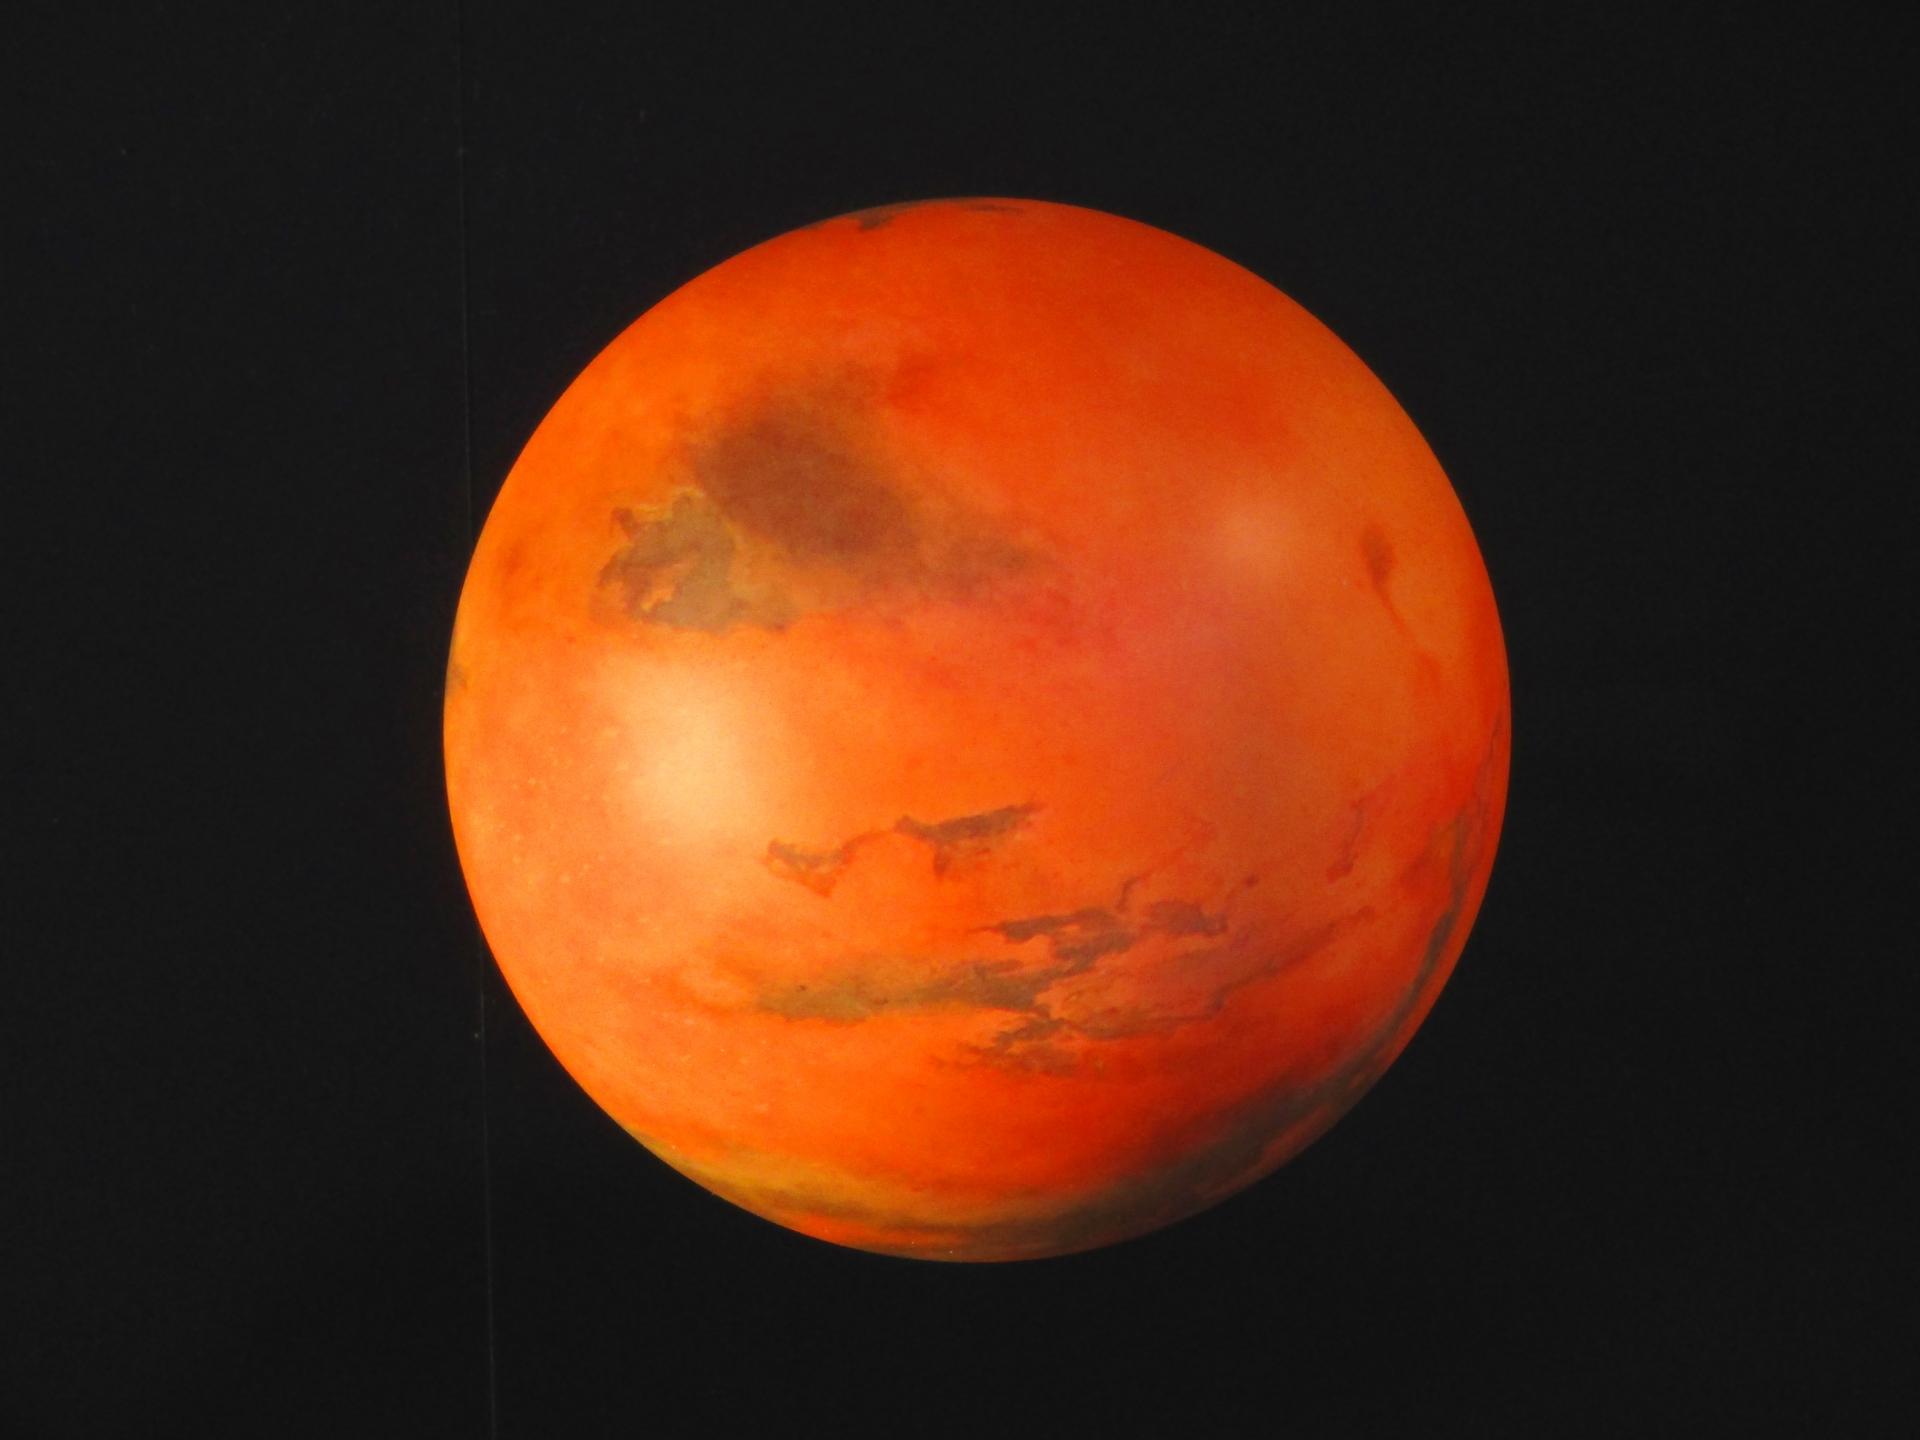 宇宙 火星 宇宙人 宇宙旅行